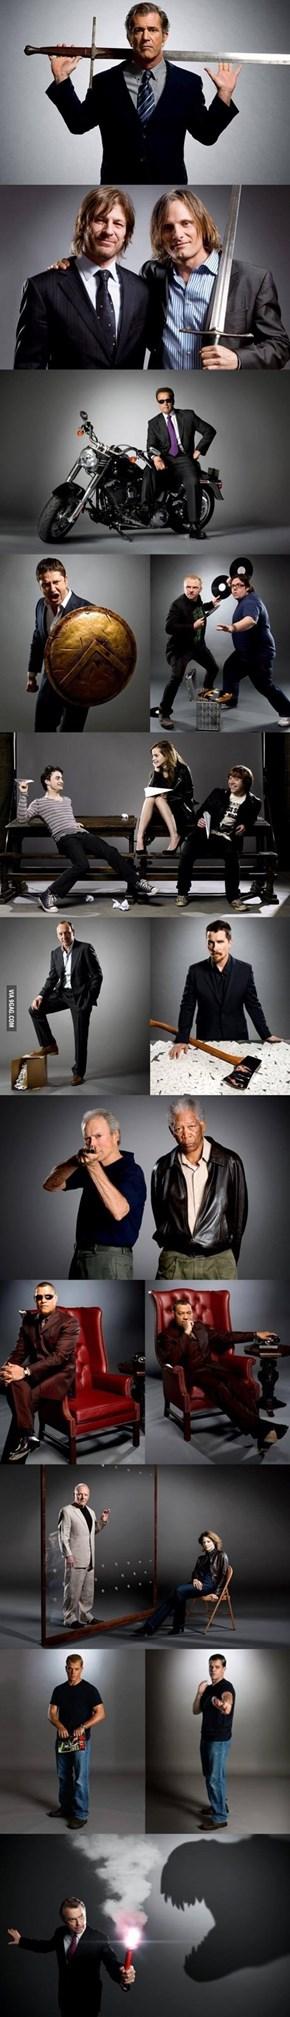 Actors recalling their best roles